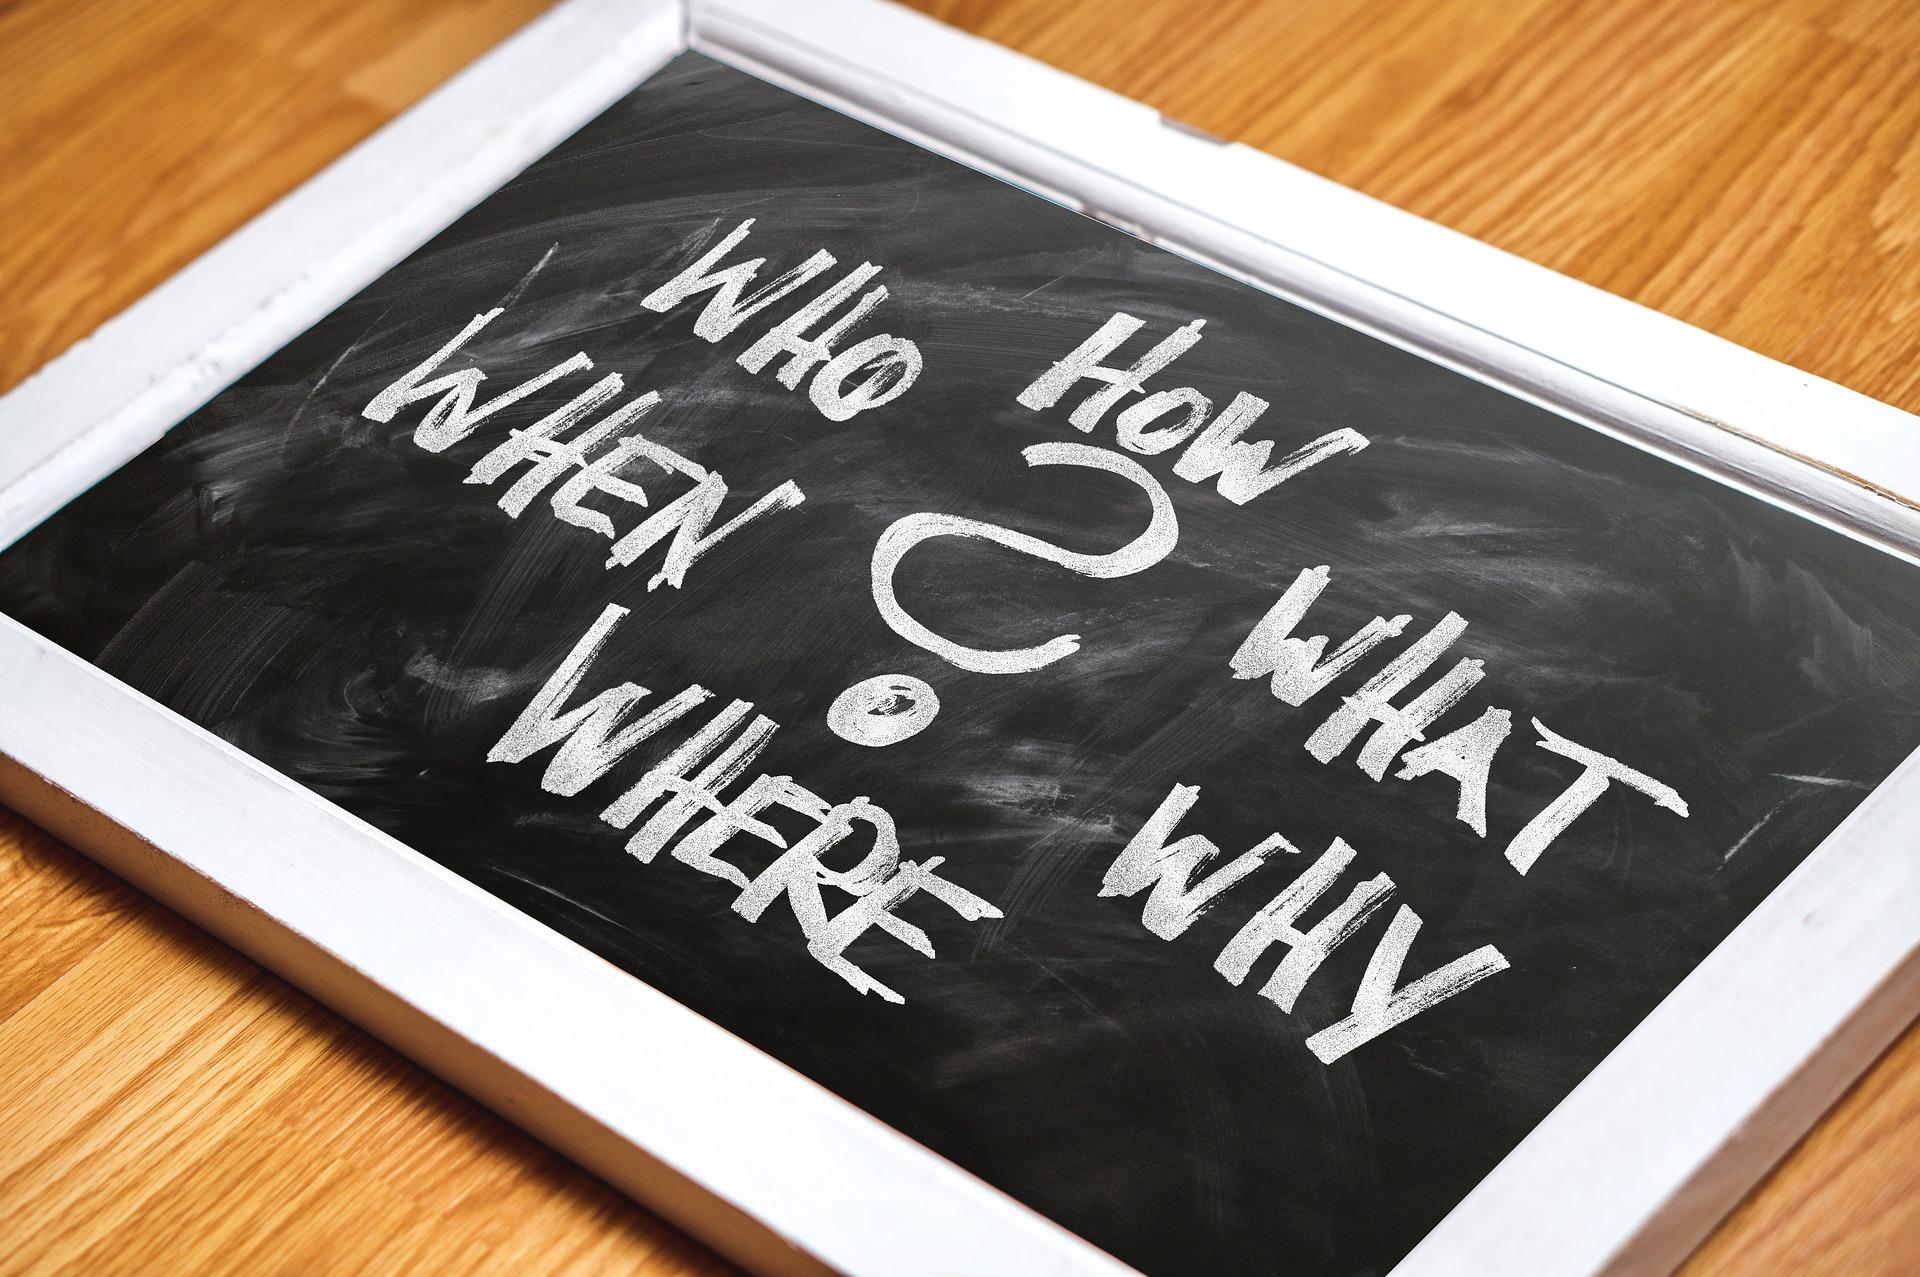 sandi mann doğru soruları sorabilmenin mutluluk için önemli olduğu kanısında